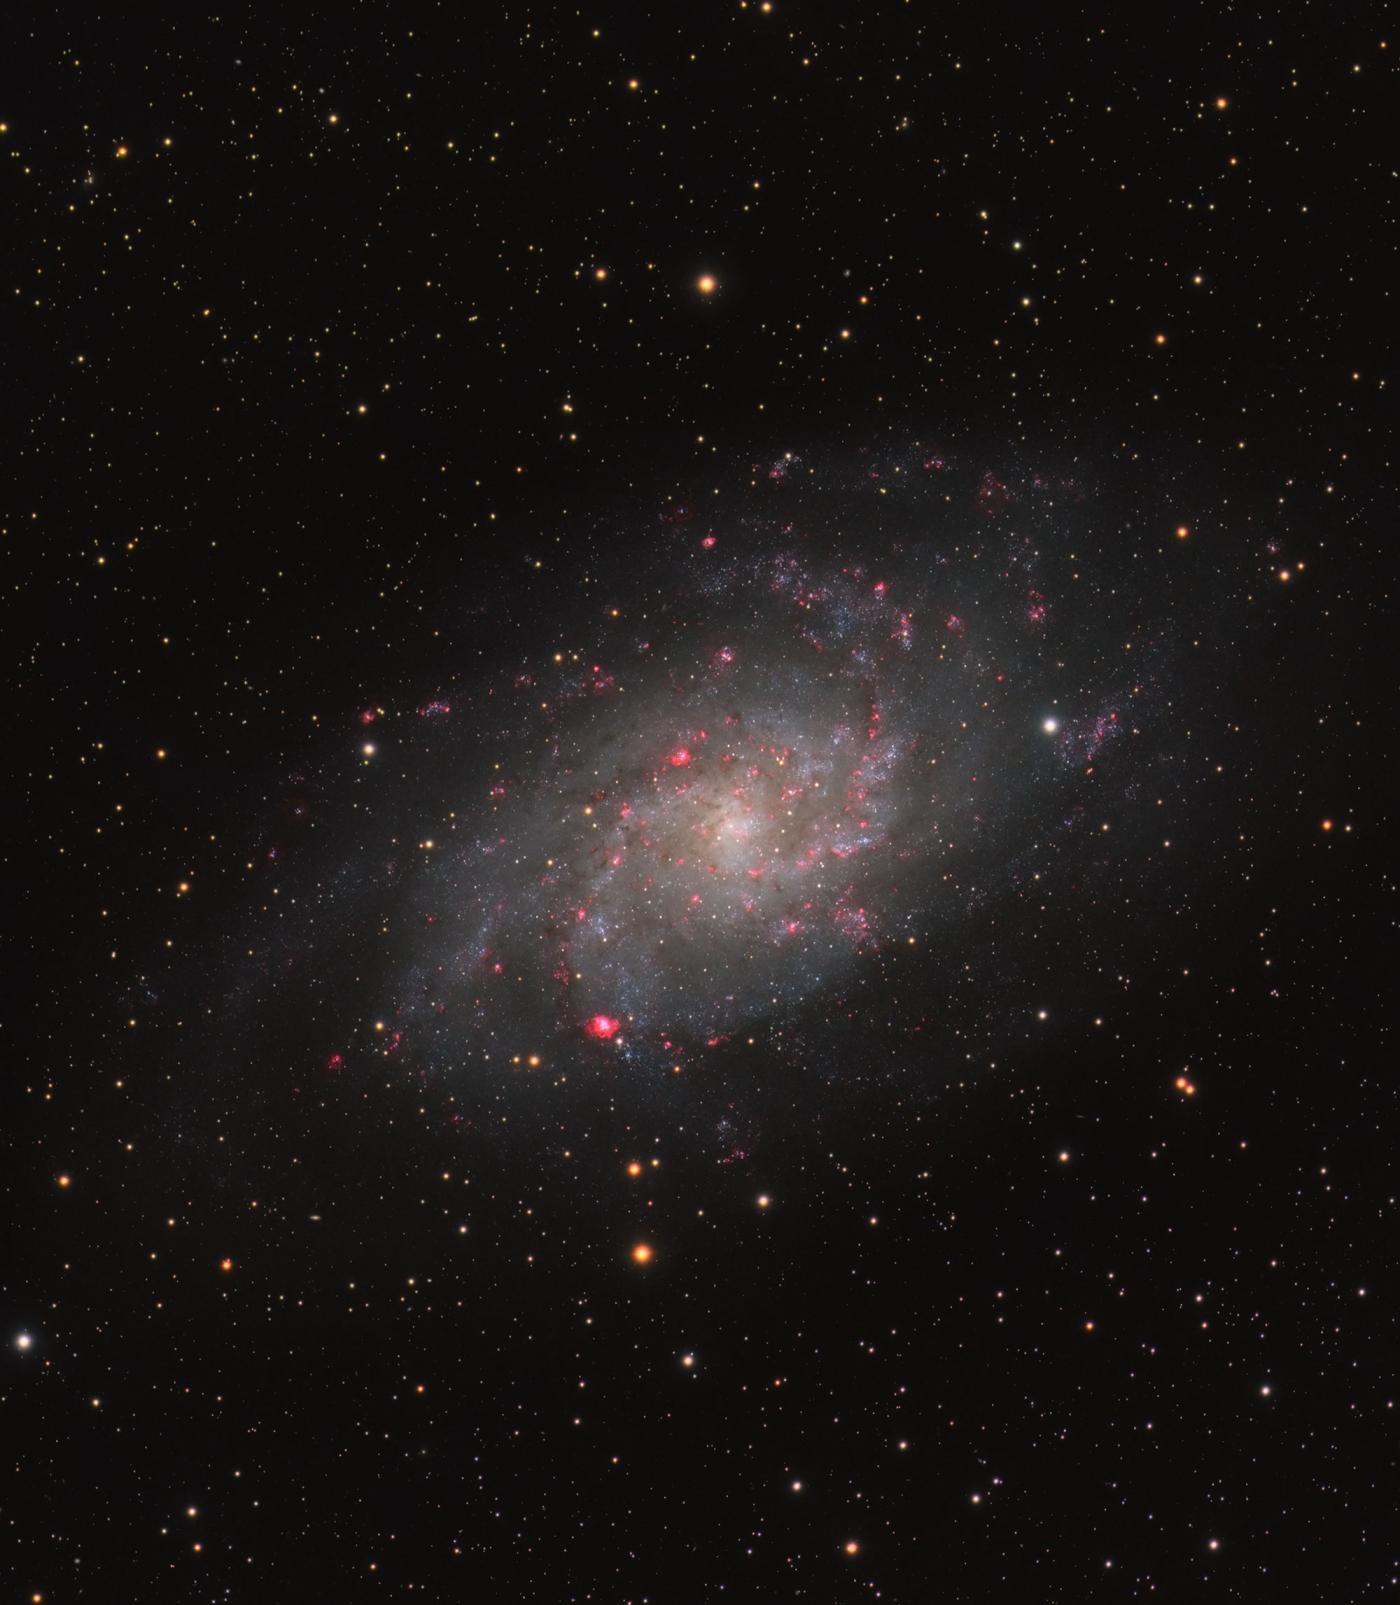 An image showing 'Our Galactic Neighborhood '